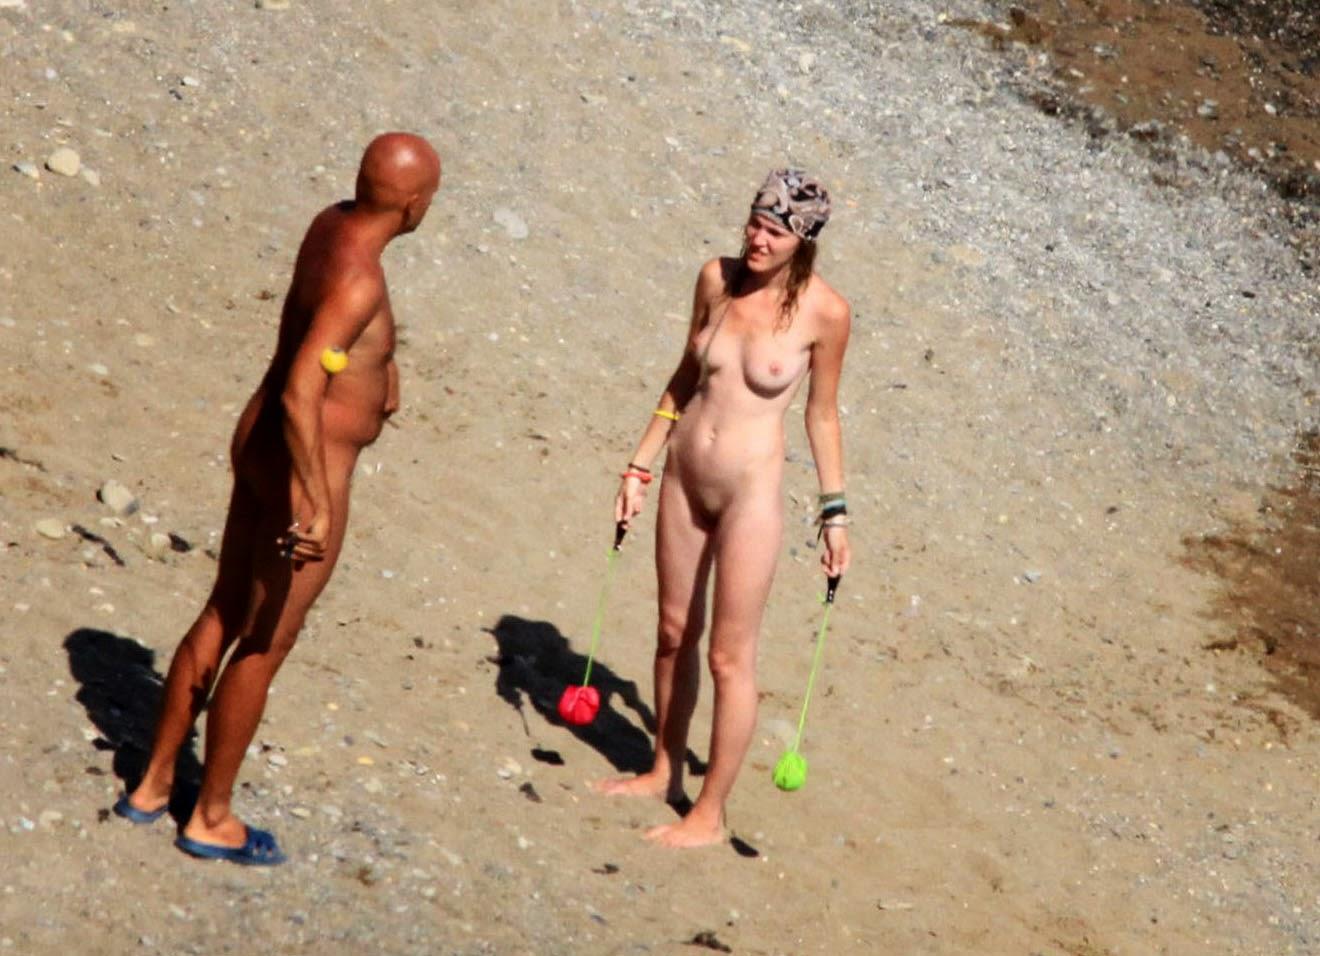 экскурсия на нудистский пляж онлайн